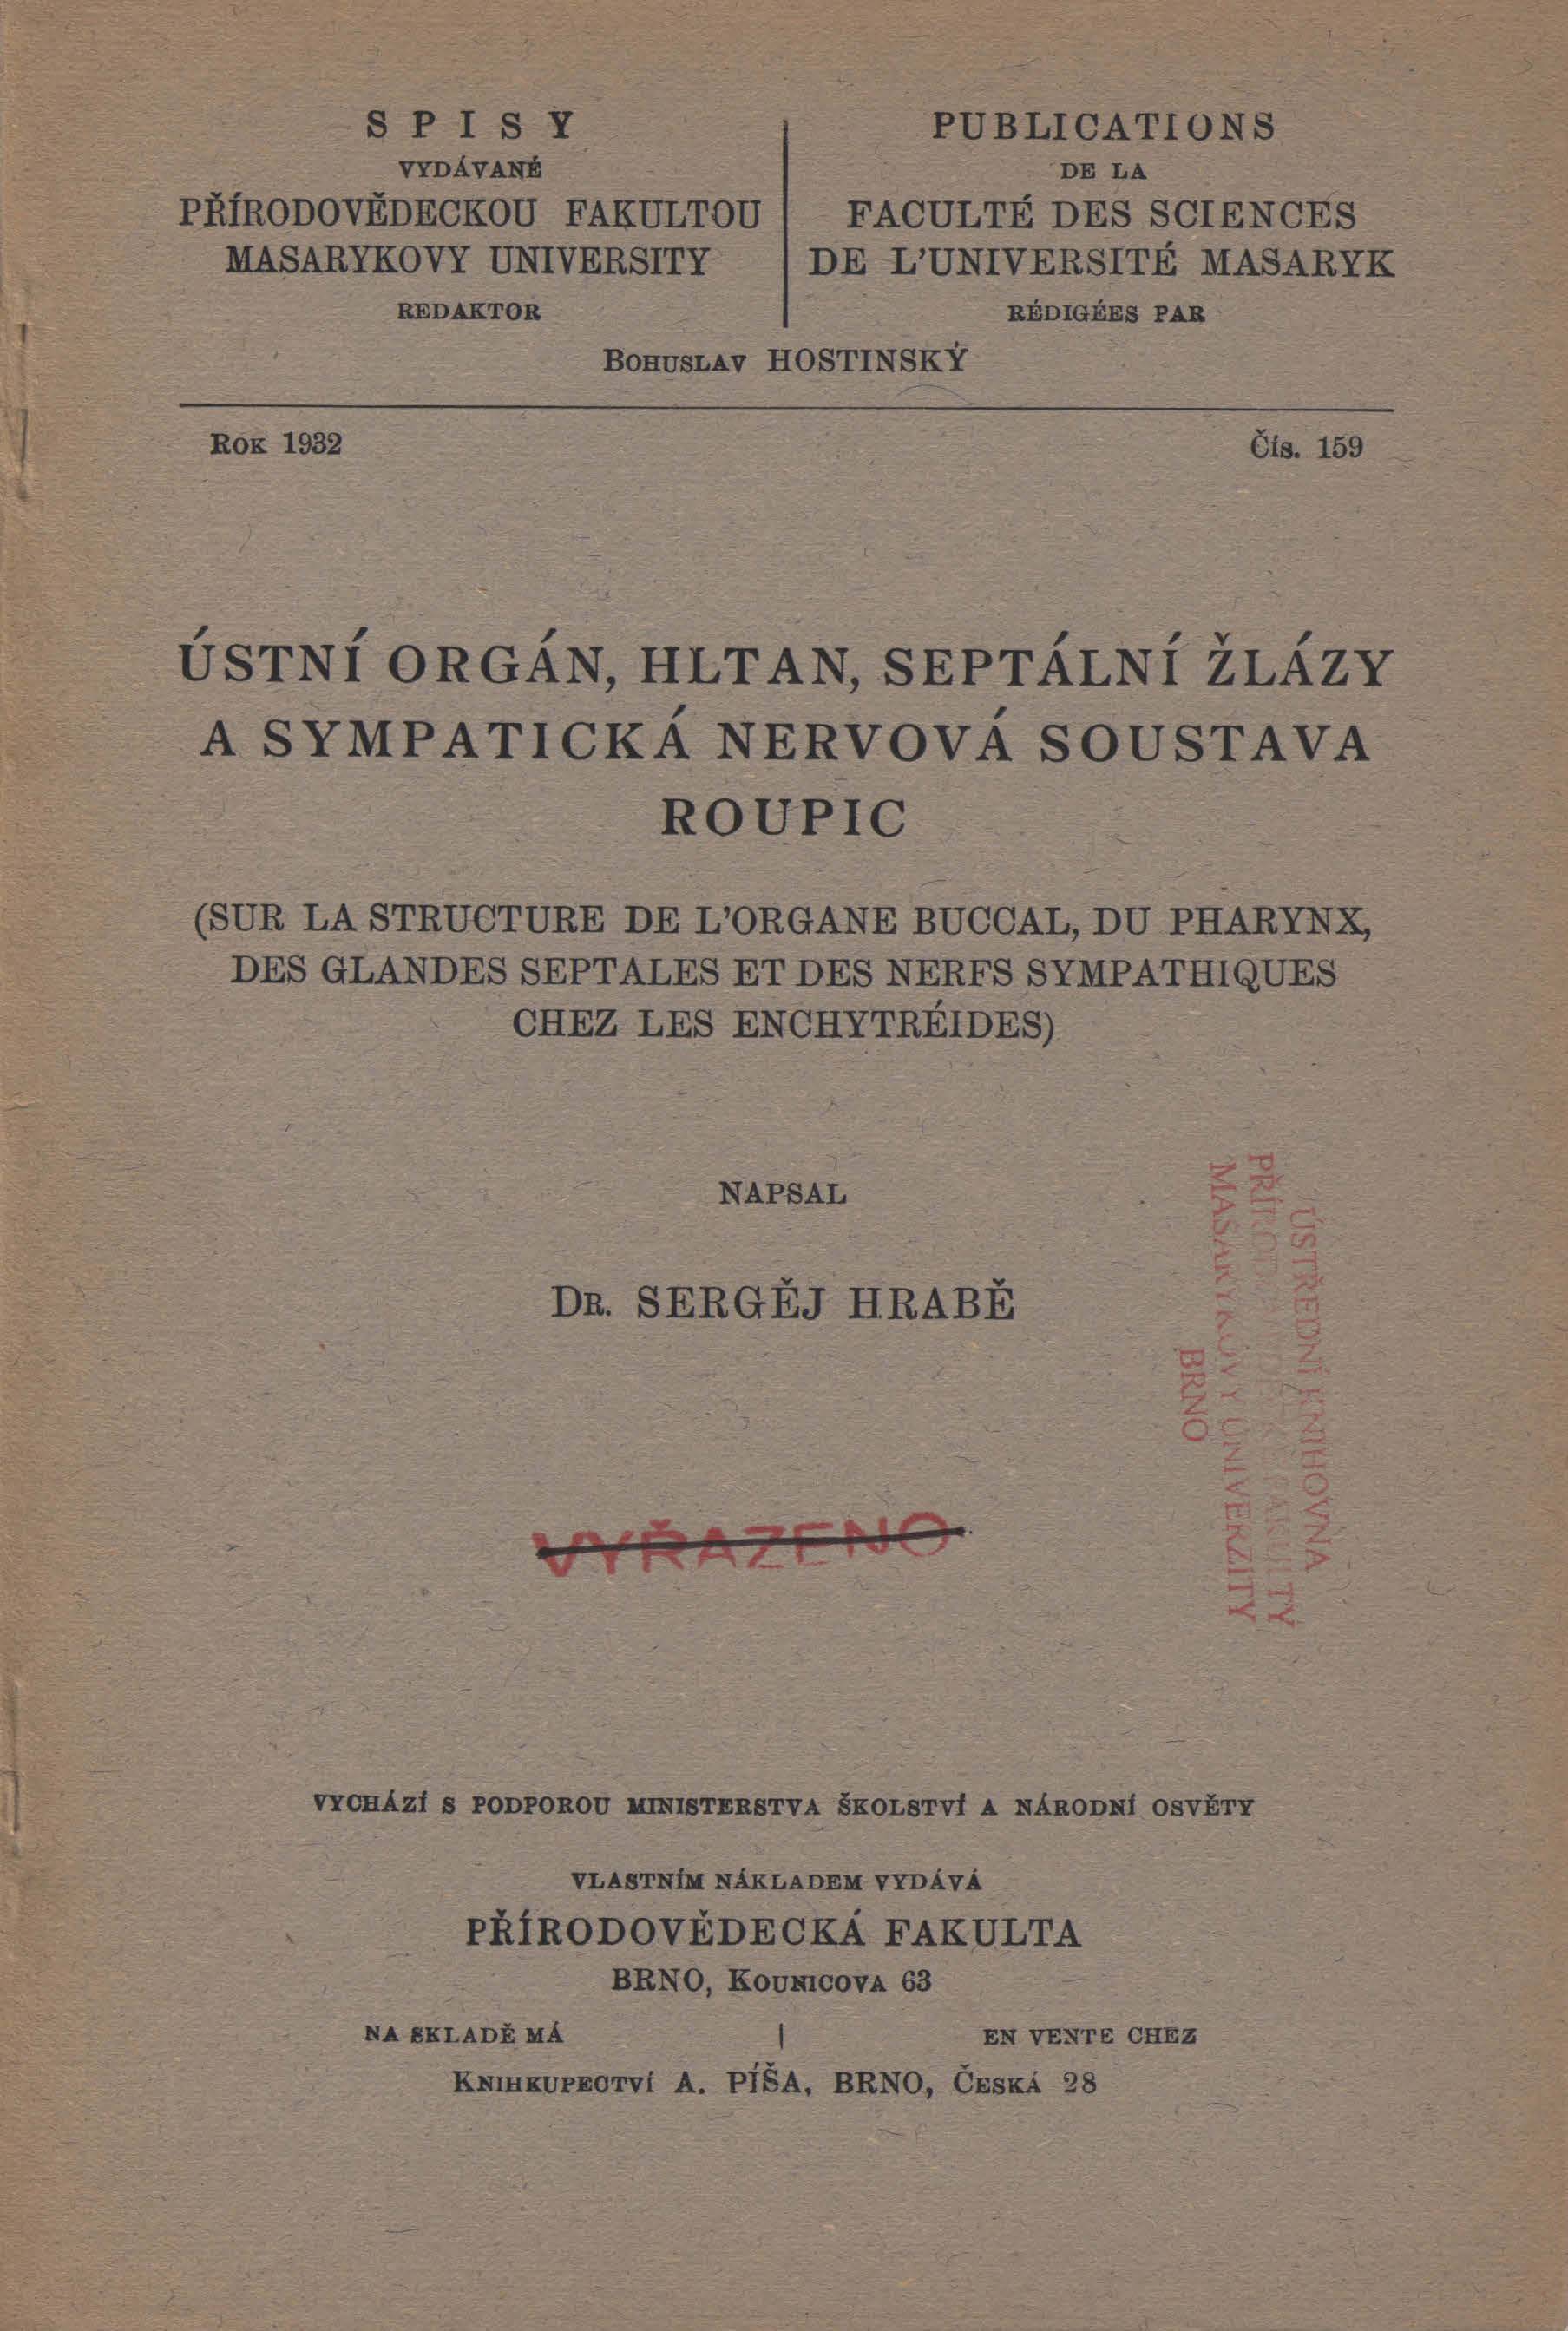 Obálka pro Ústní orgán, hltan, septální žlázy a sympatická nervová soustava roupic